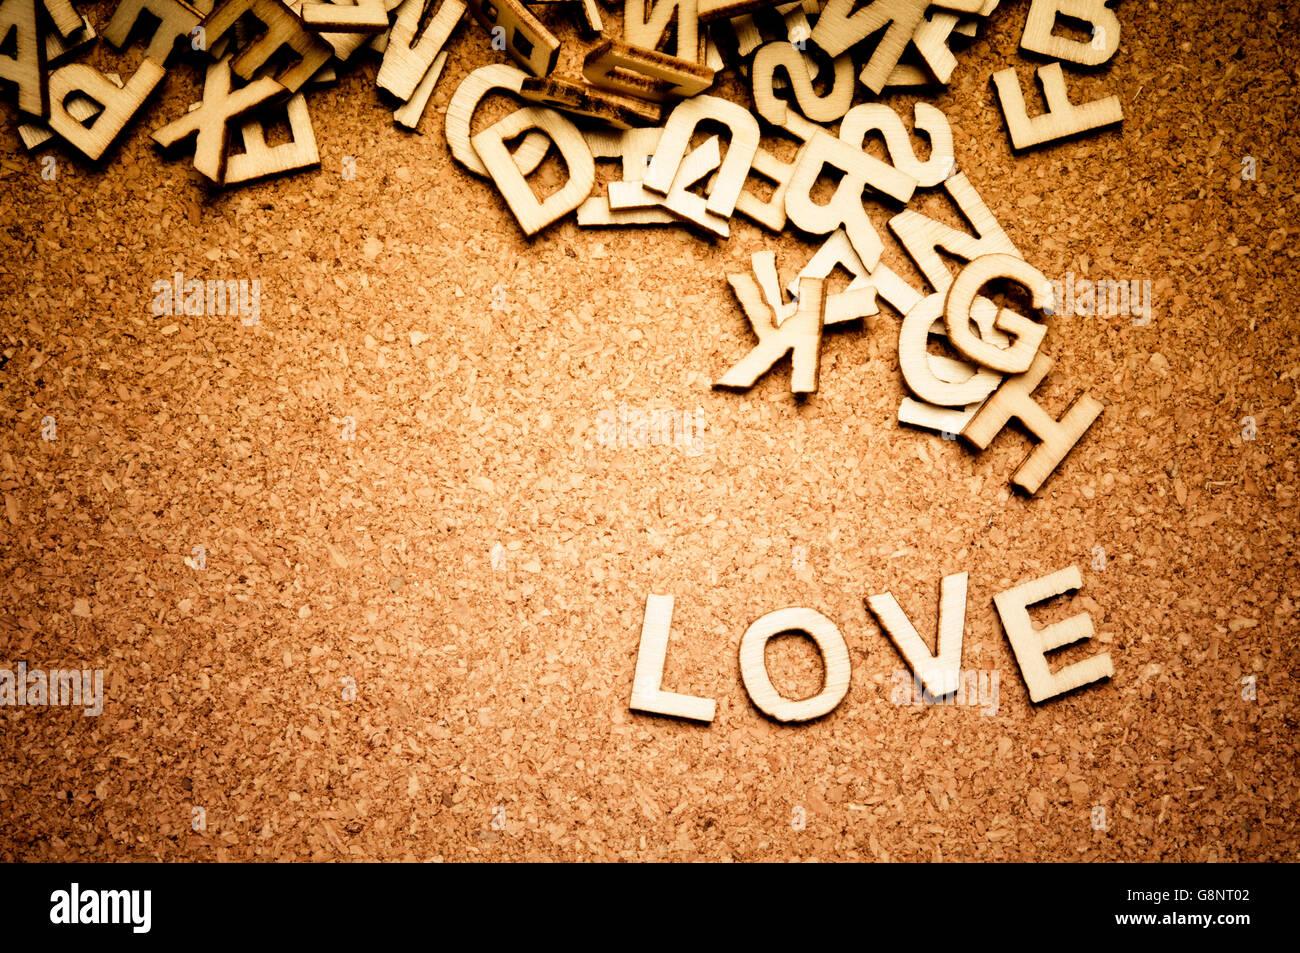 Wort Liebe buchstabiert mit Holzbuchstaben Stockbild